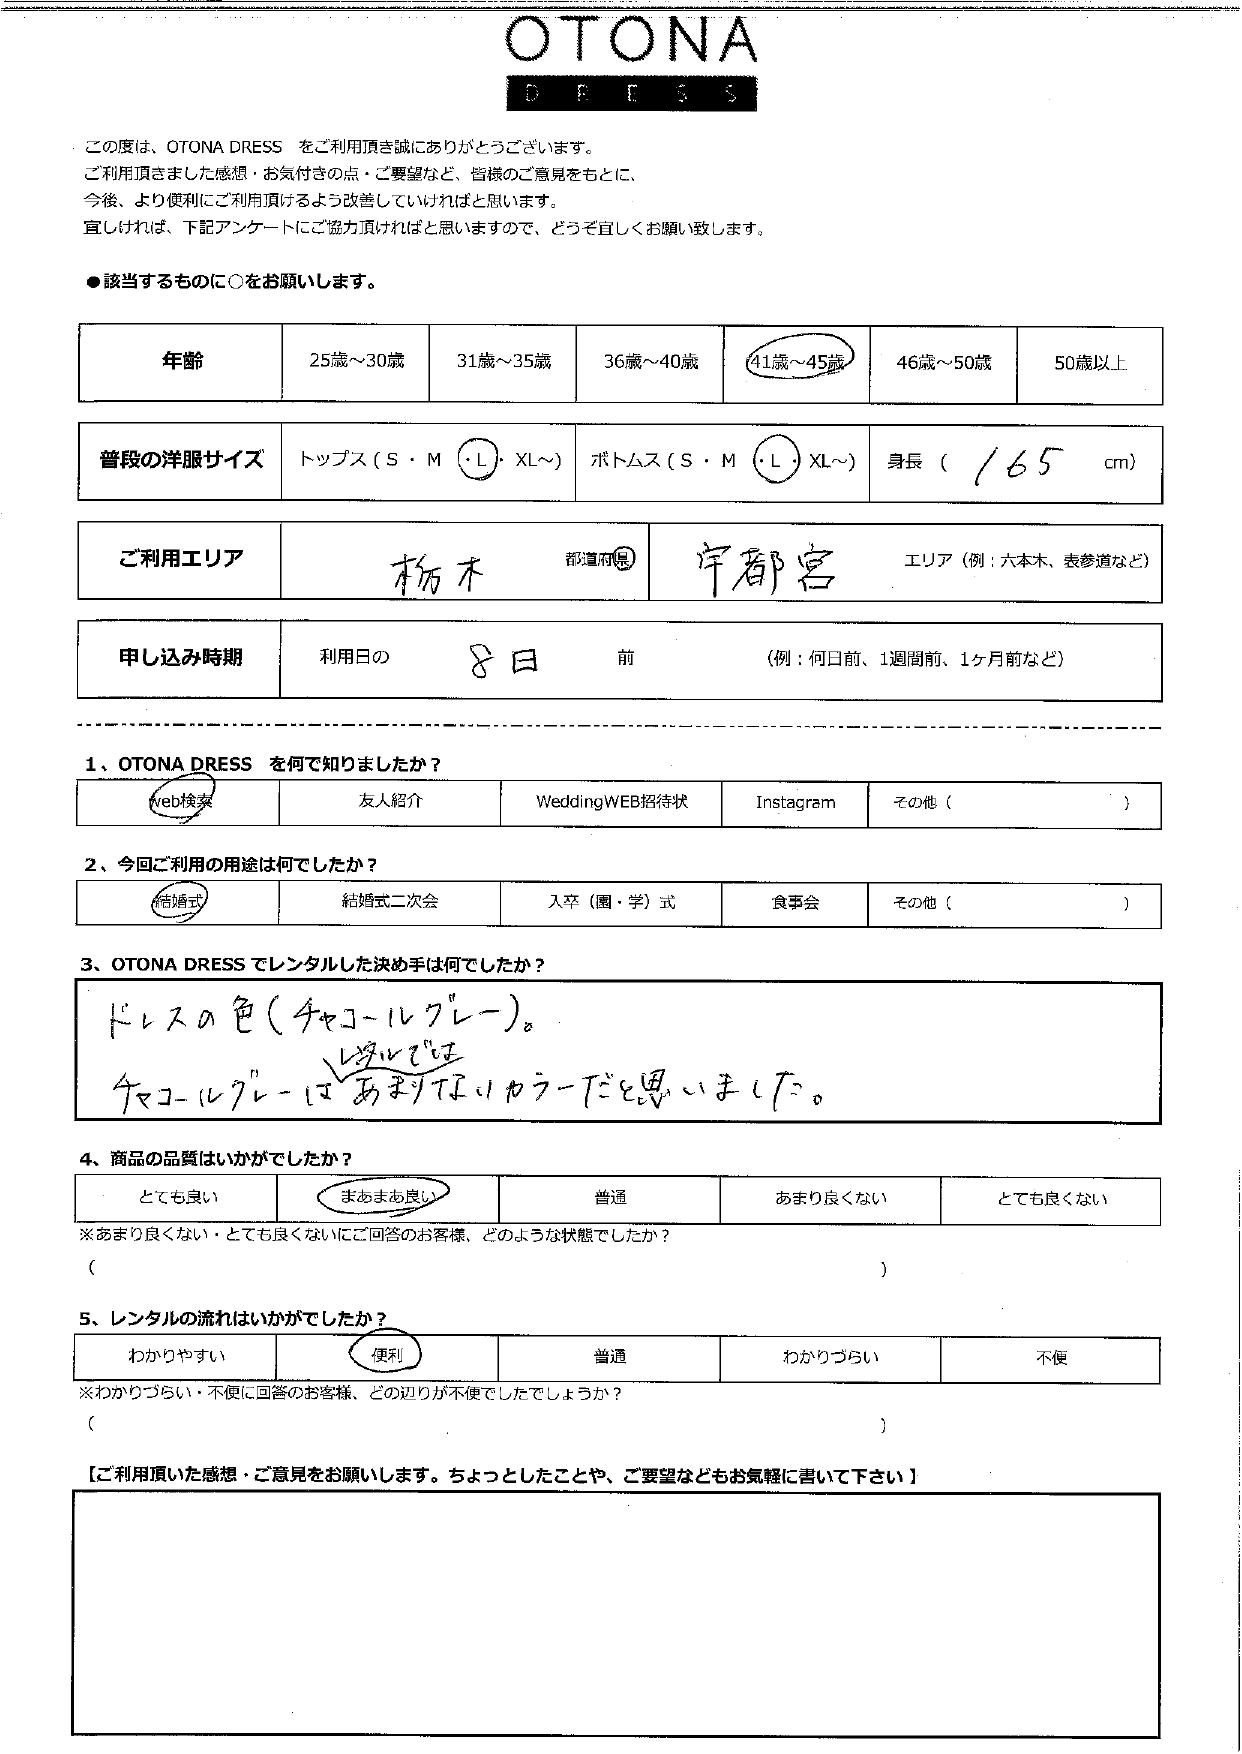 8/29結婚式ご利用 栃木・宇都宮エリア